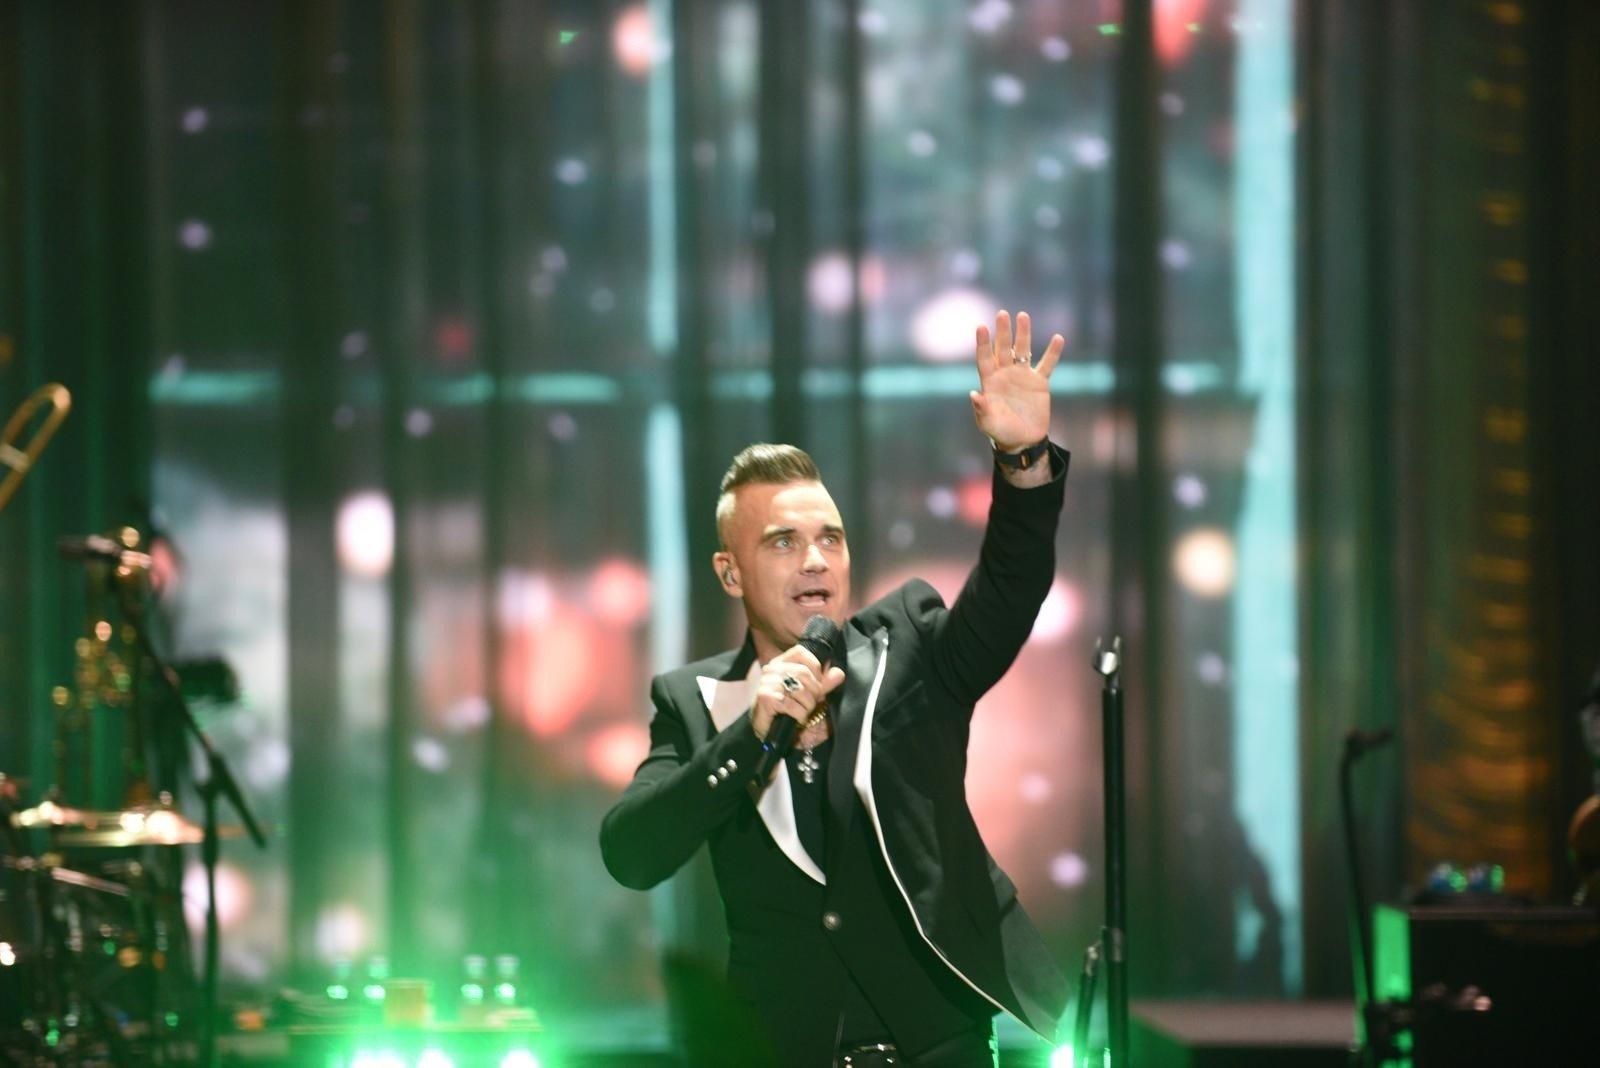 Koncert Robbiego Williamsa z Torunia w telewizji. Trwa transmisja! Do zobaczenia w pierwszy dzień świąt w telewizyjnej Dwójce. O której?   Nowości Dziennik Toruński